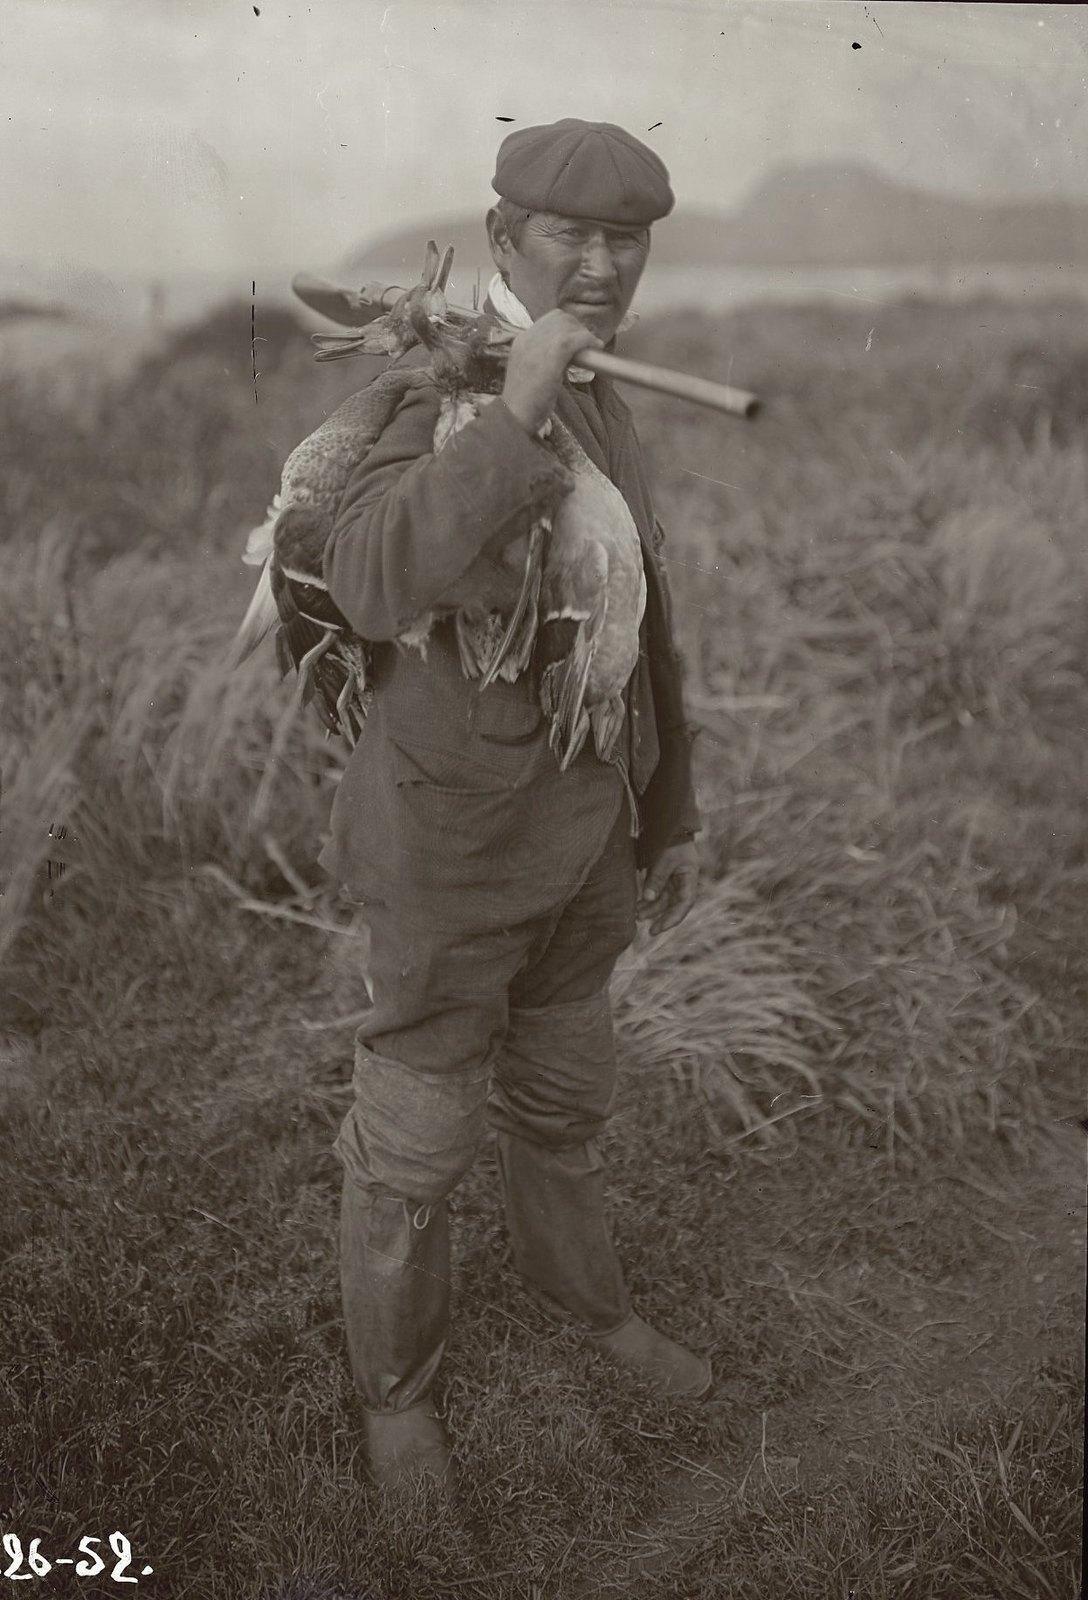 1909. 8 ноября. Иван Черкашин возвращается с охоты. Умнак остров, село Никольское